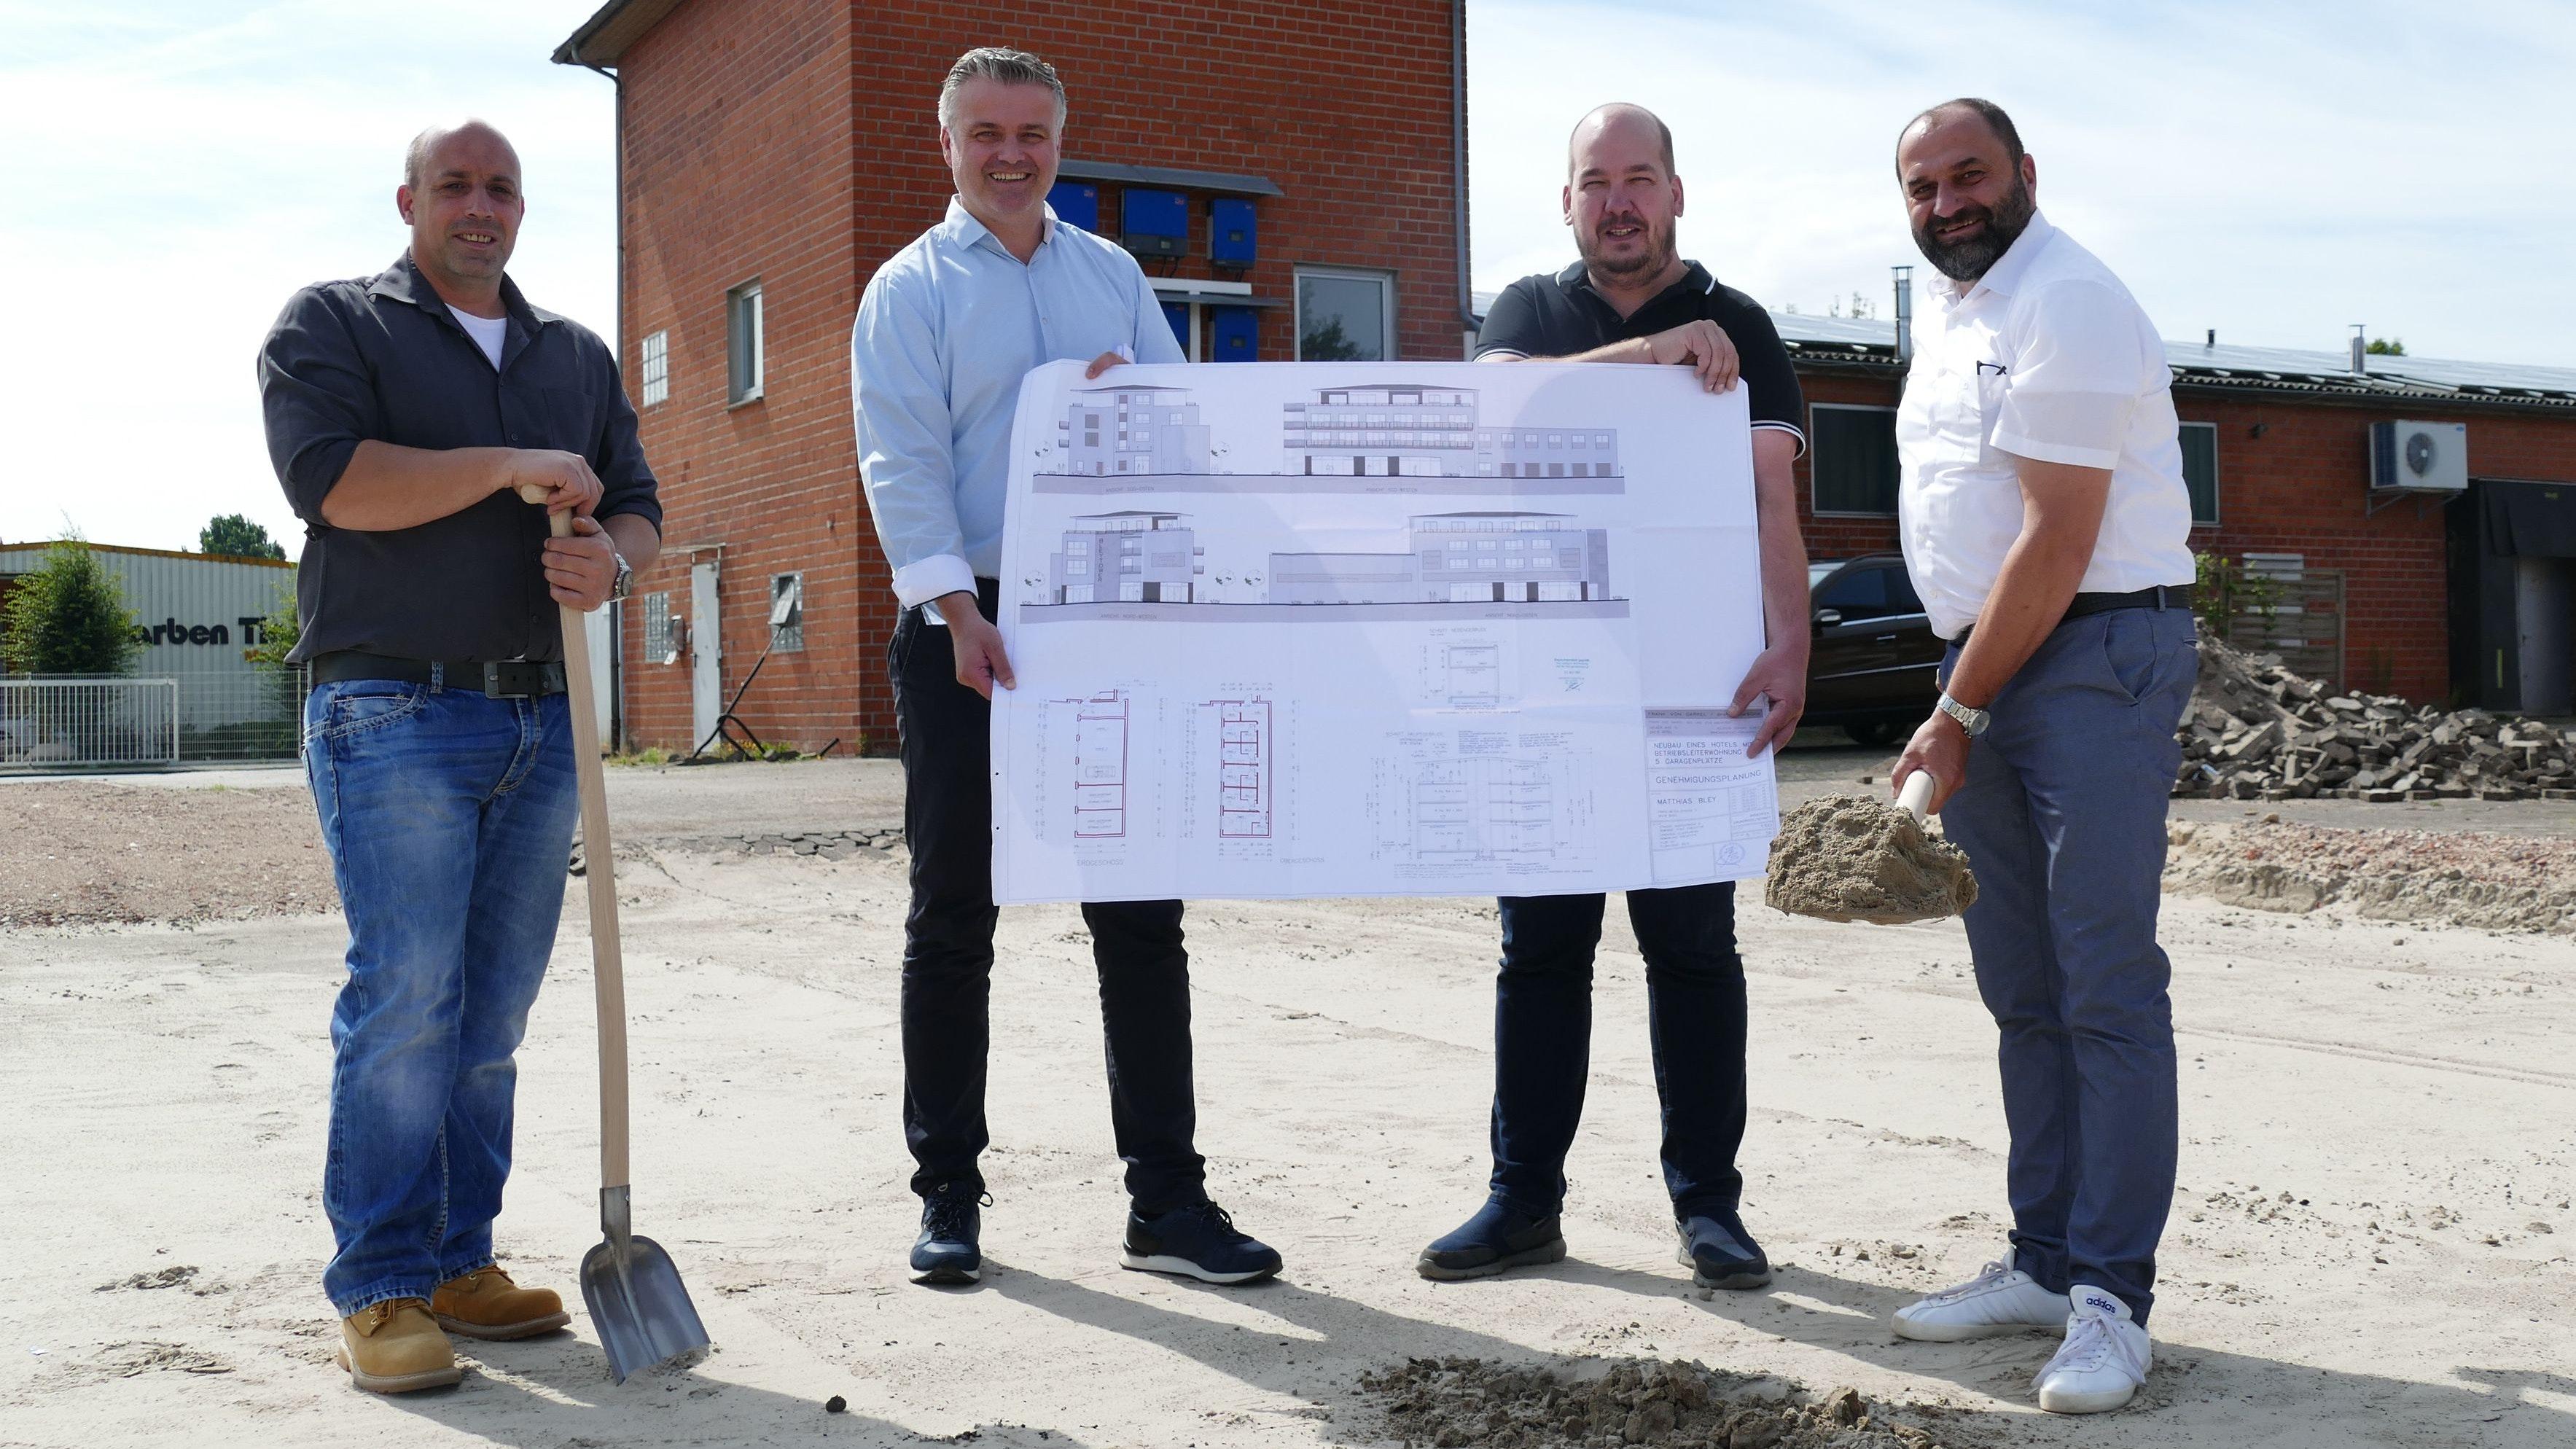 Baustart: Den ersten Spatenstich für den Hotelneubau an der Huntestraße vollzogen (von links) Bauunternehmer Markus Janßen, Architekt Frank von Garrel, Bauherr und Investor Matthias Bley und Bürgermeister Sven Stratmann.